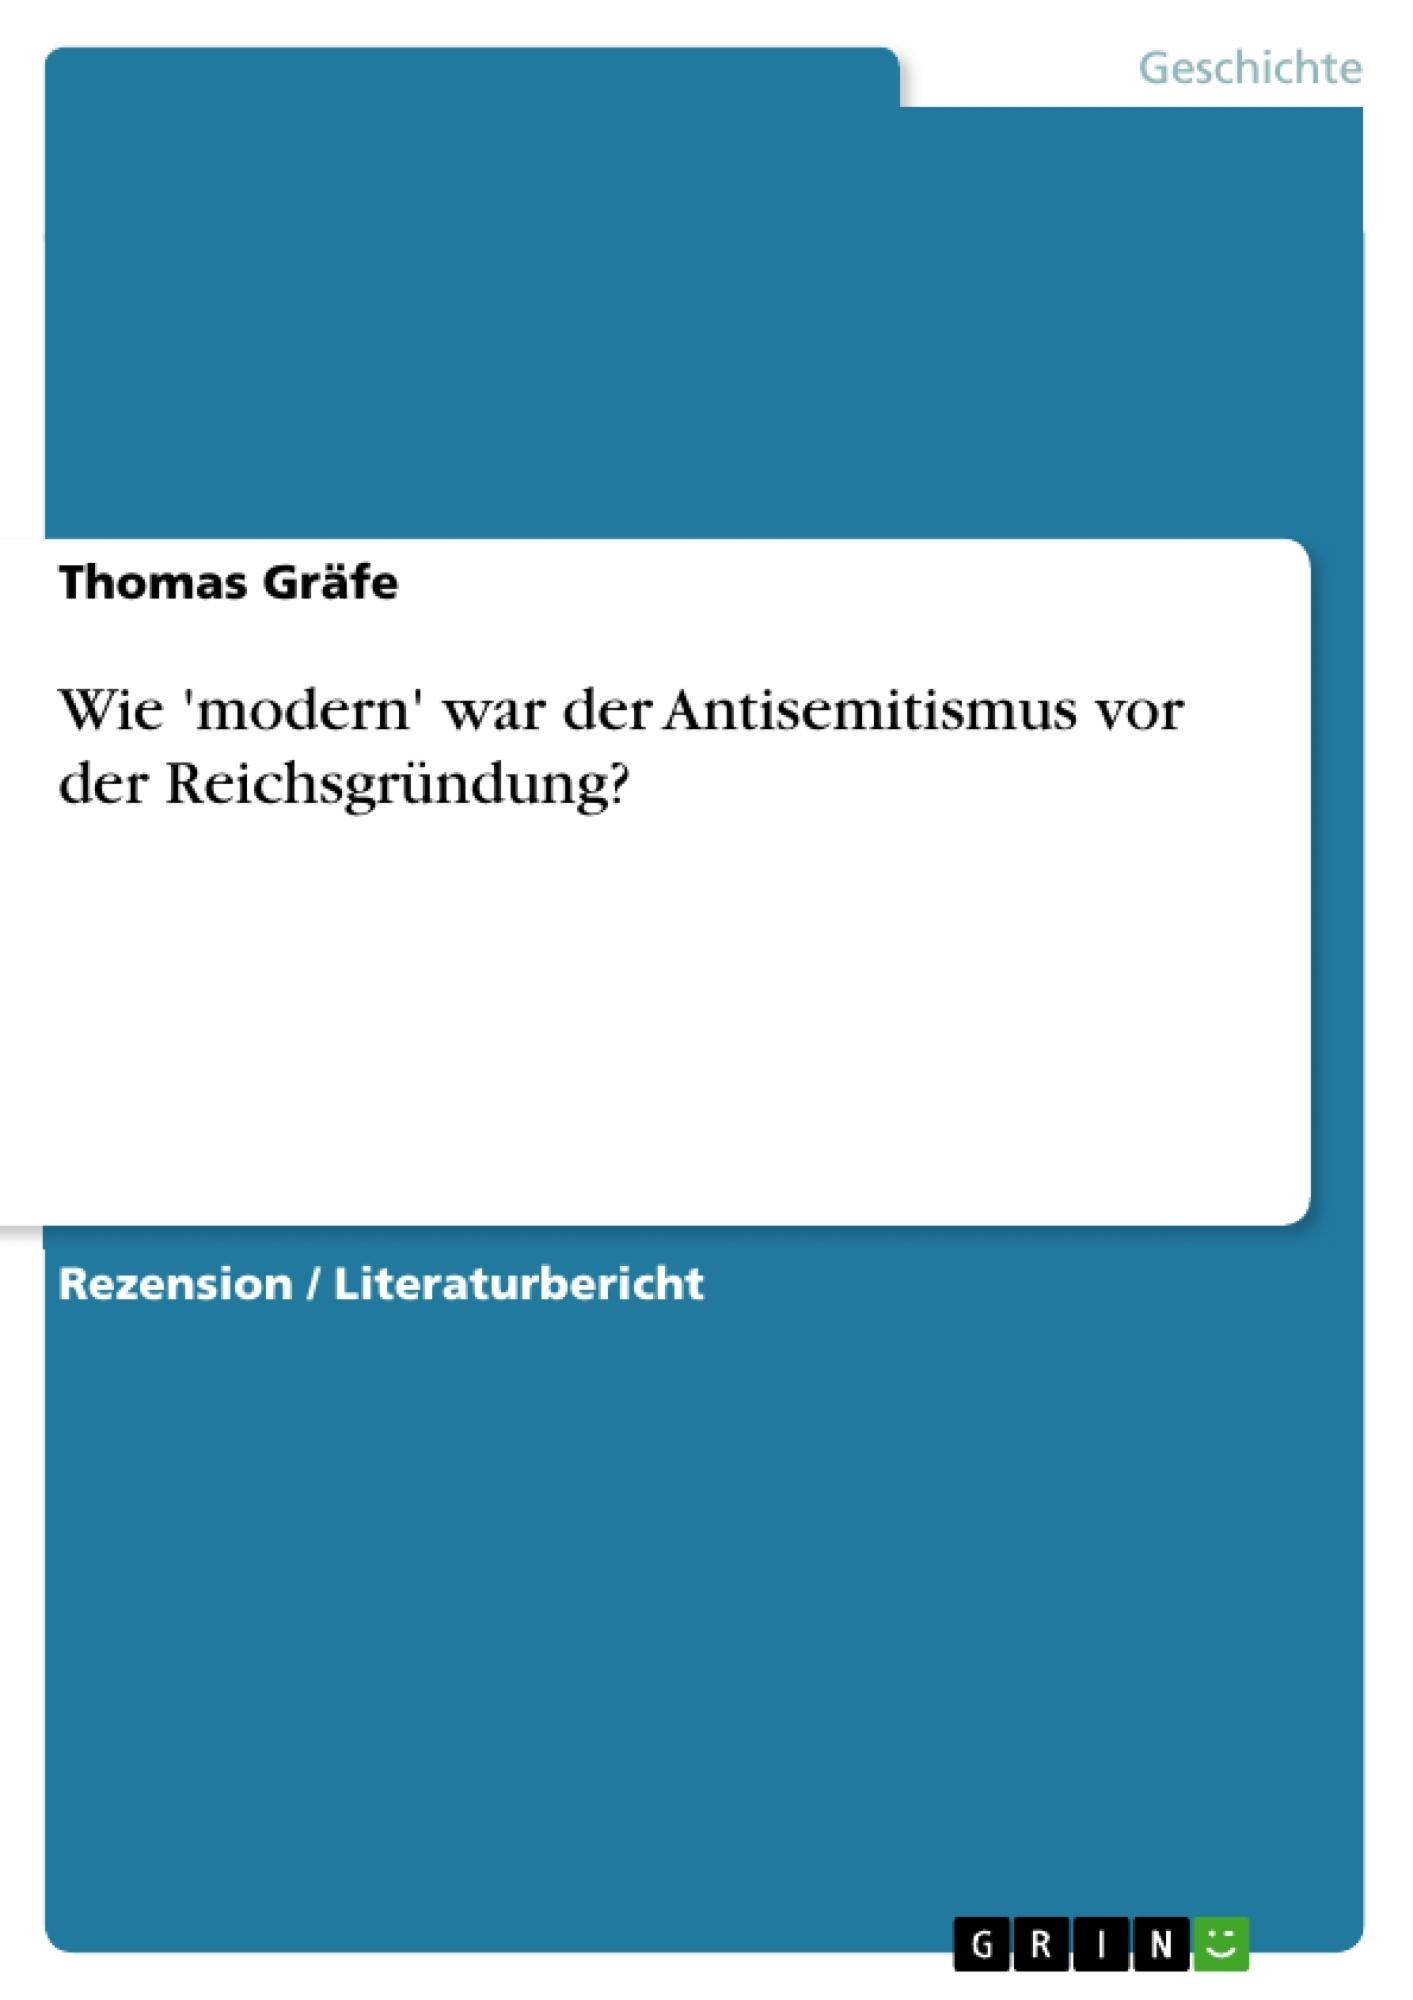 Titel: Wie 'modern' war der Antisemitismus vor der Reichsgründung?